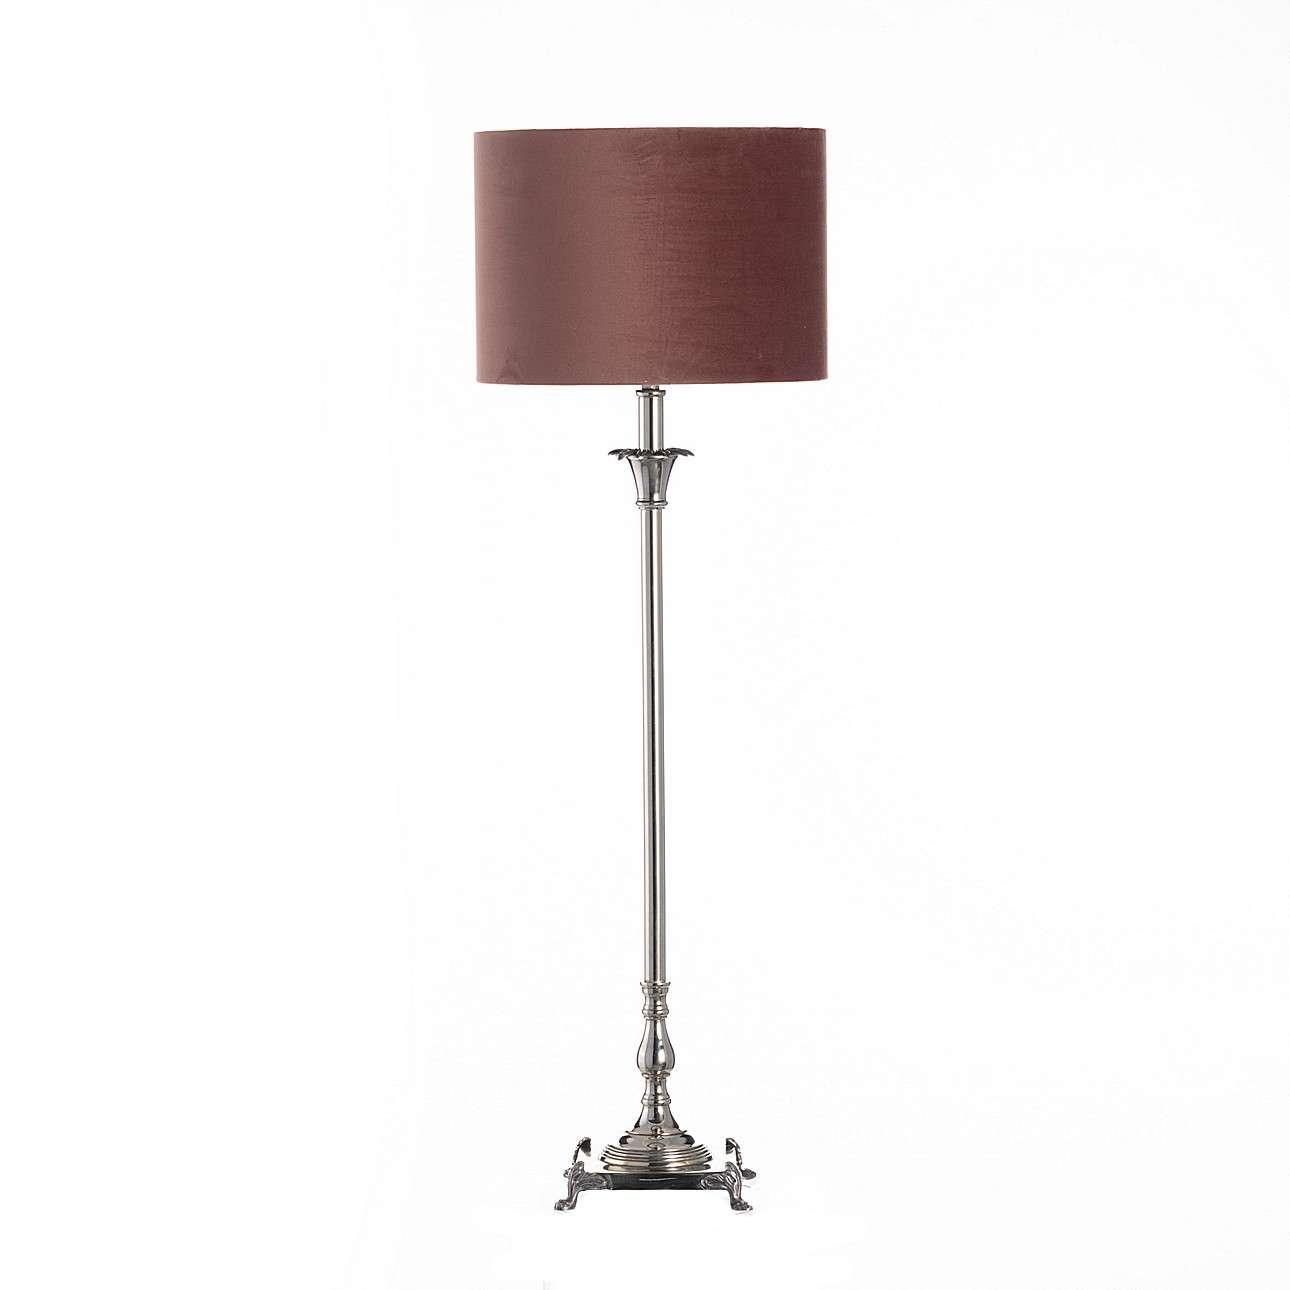 Vyšší stolní lampa Beth výška 91,5 cm